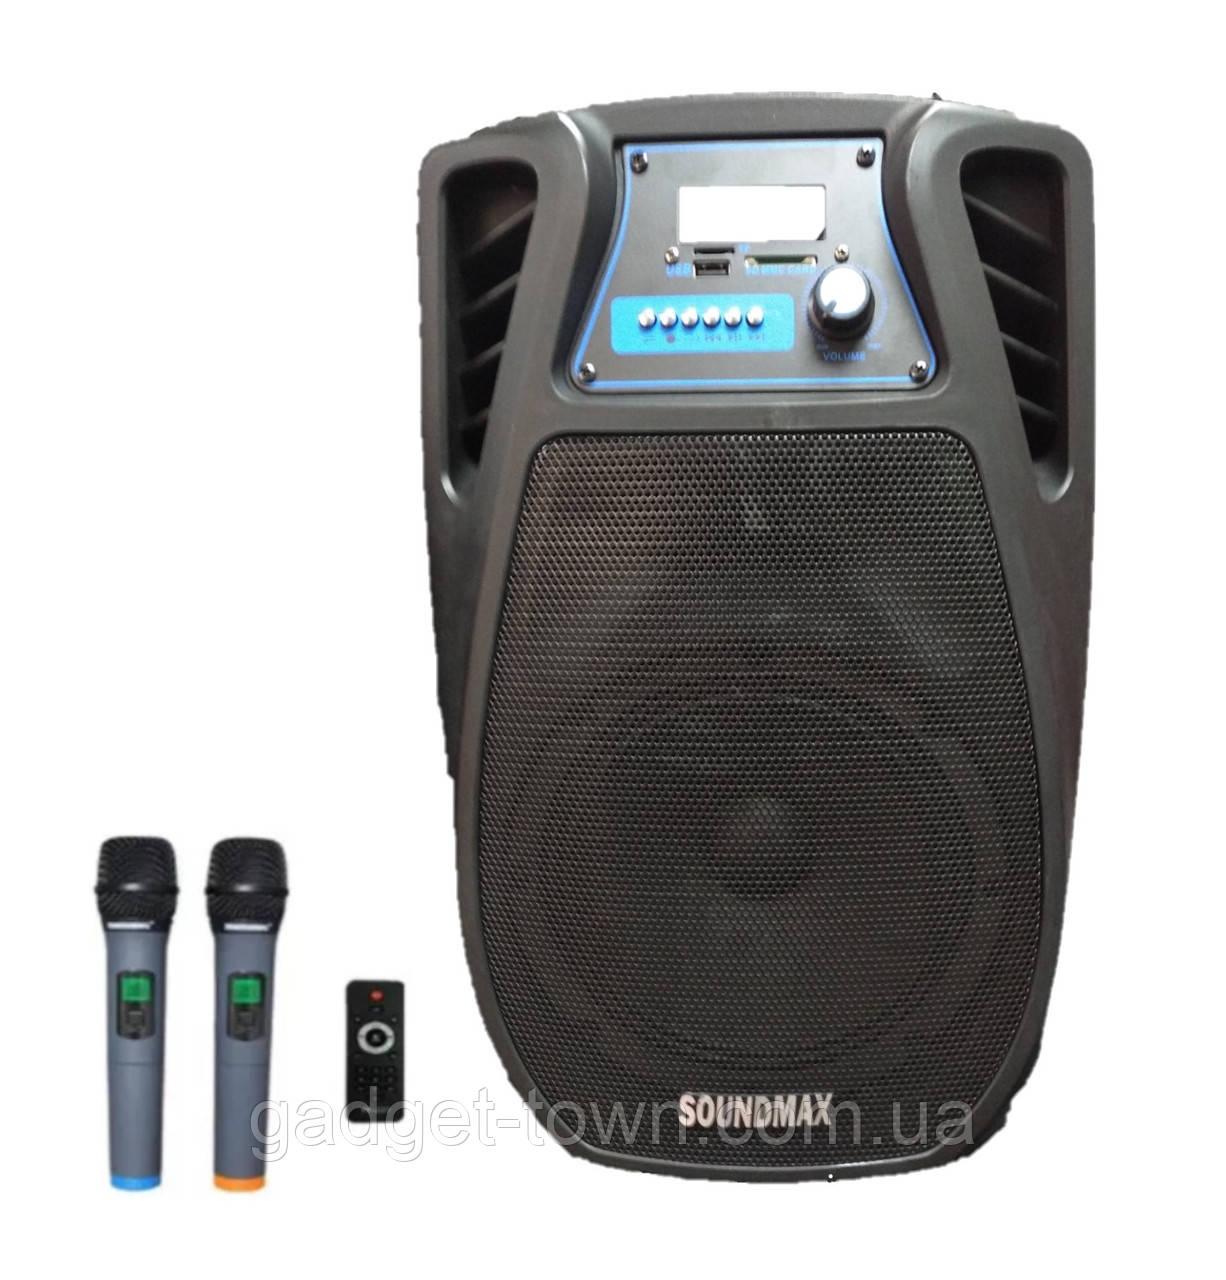 Колонка аккумуляторная с радиомикрофонами TMG ORIGINAL Soundmax SM-08 (Bluetooth/USB/SD)